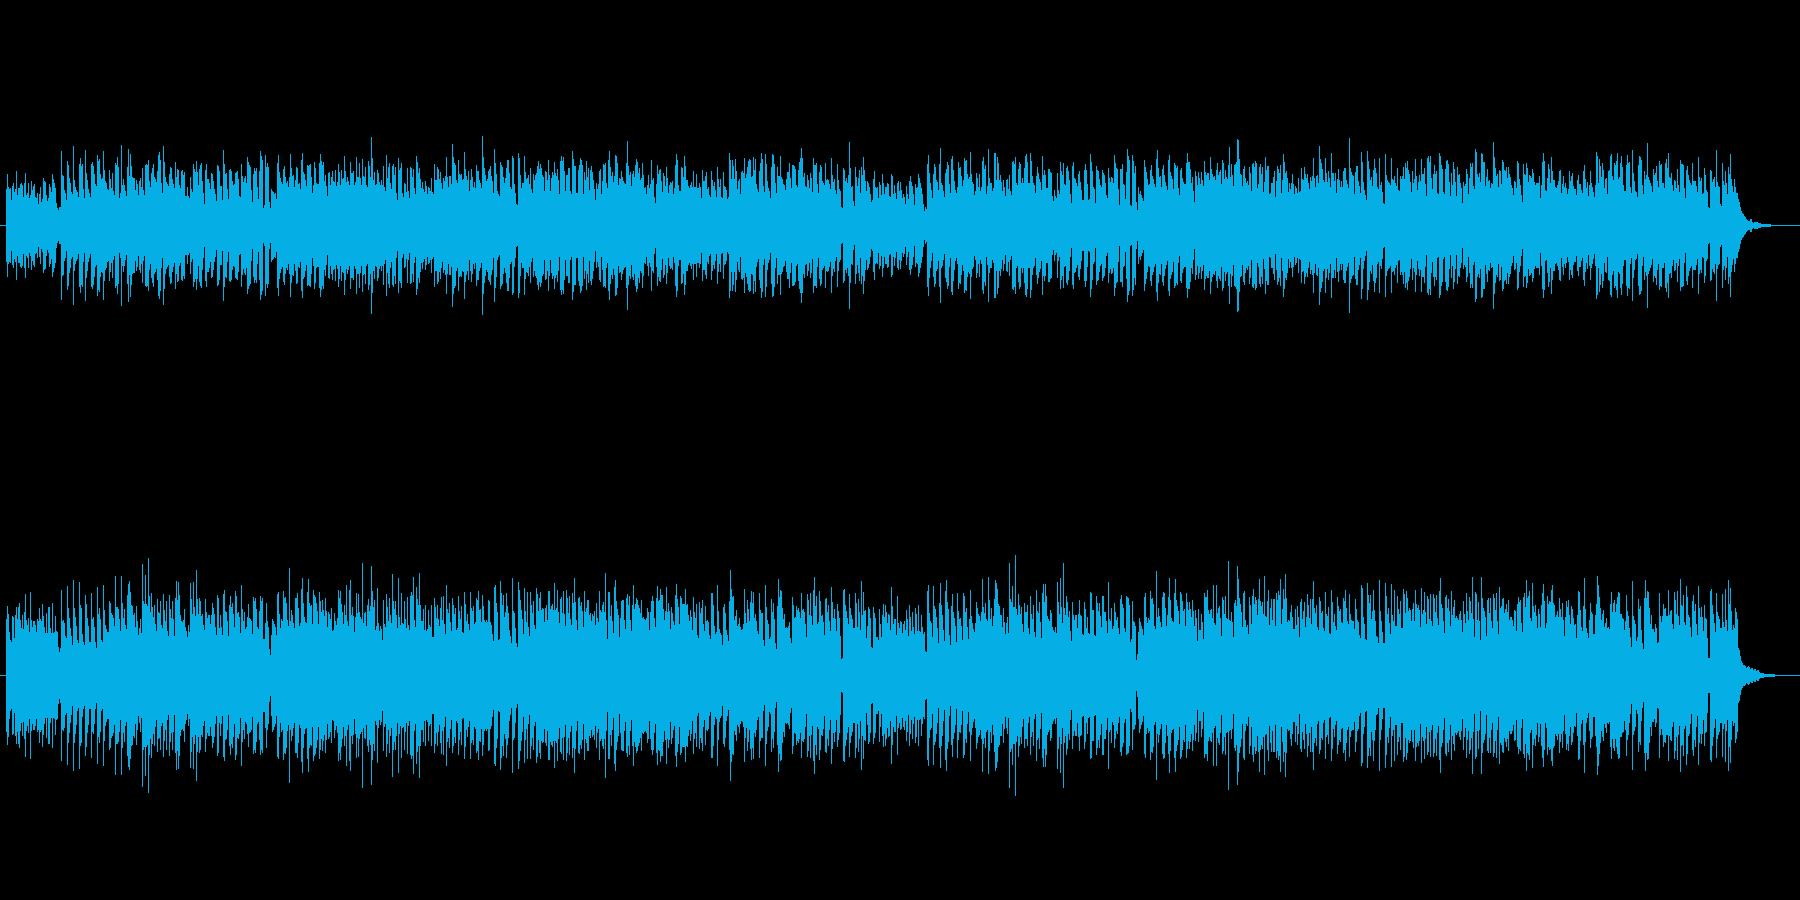 クラシック風、対位法のチェンバロBGMの再生済みの波形